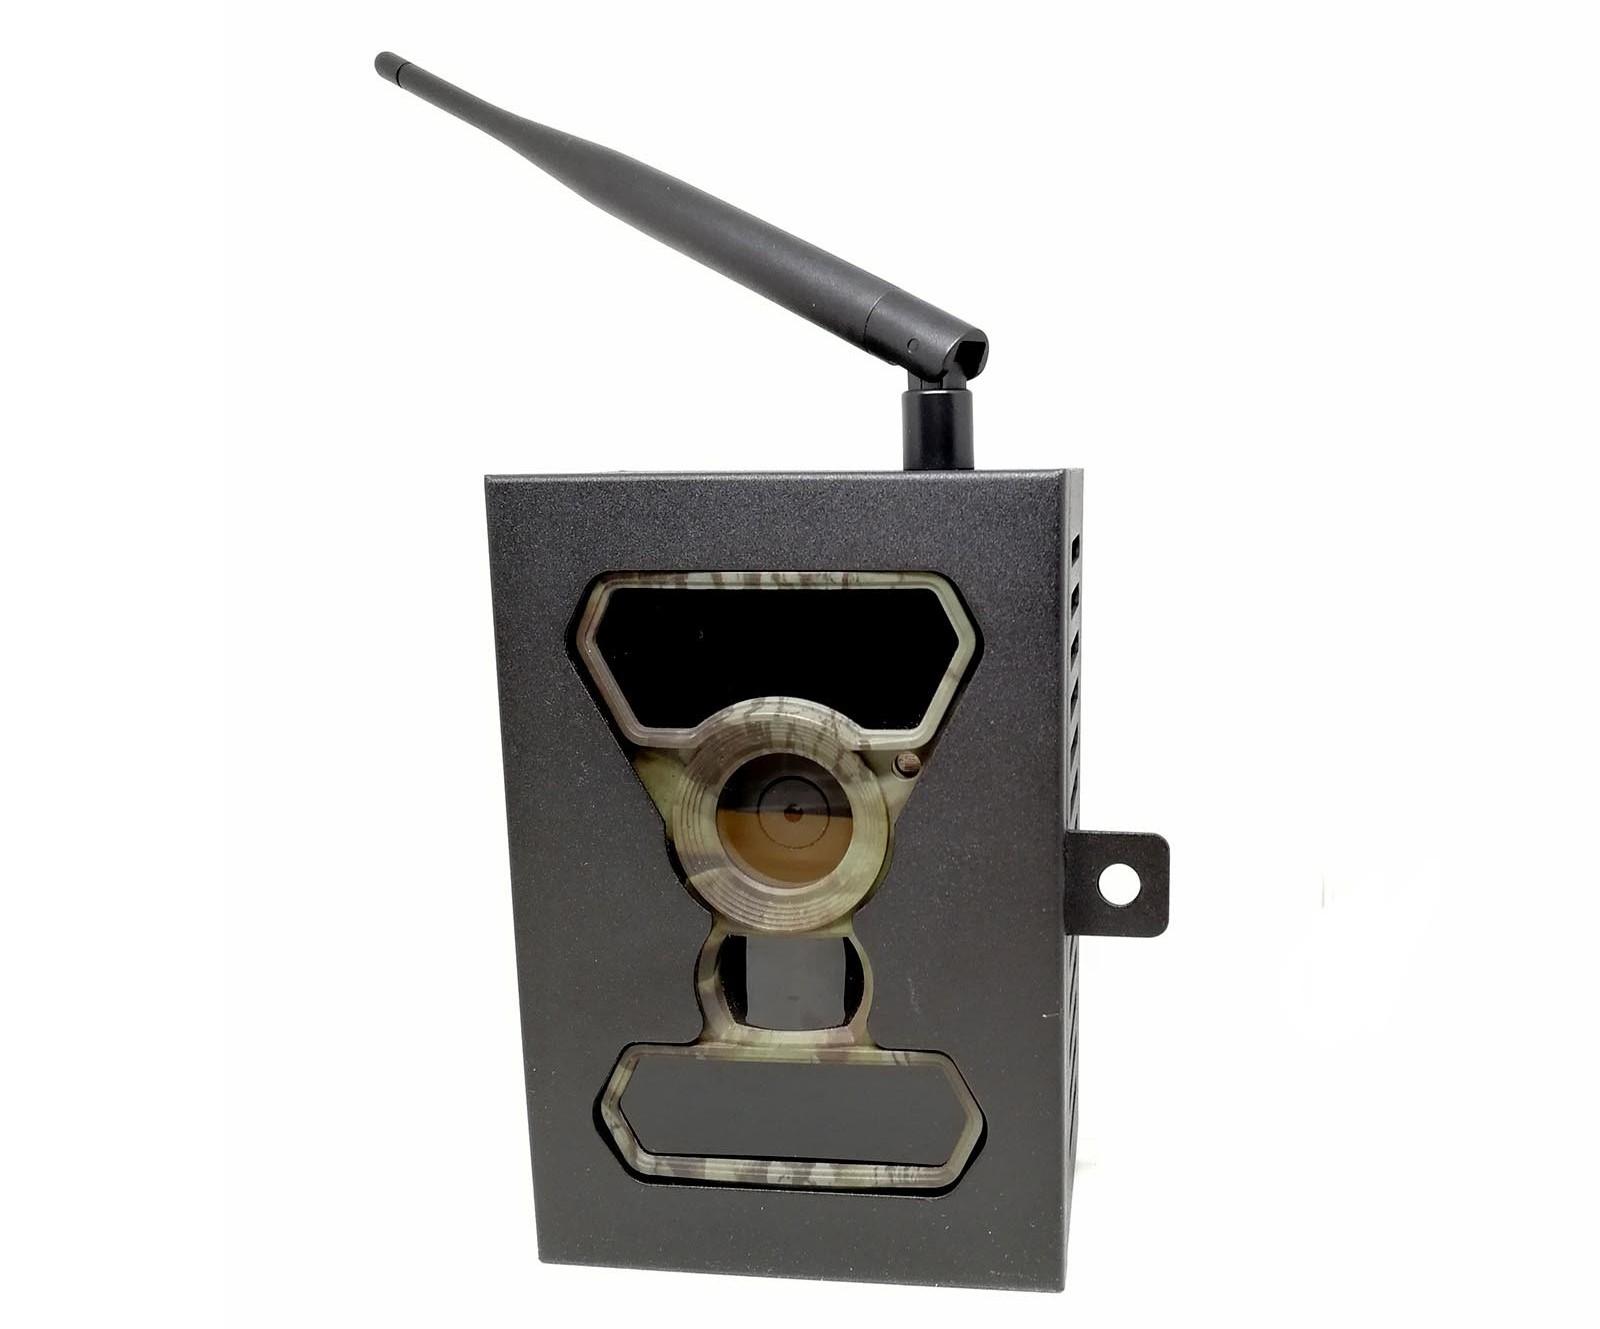 camera chasseur full hd 1080p avec transmission gsm. Black Bedroom Furniture Sets. Home Design Ideas